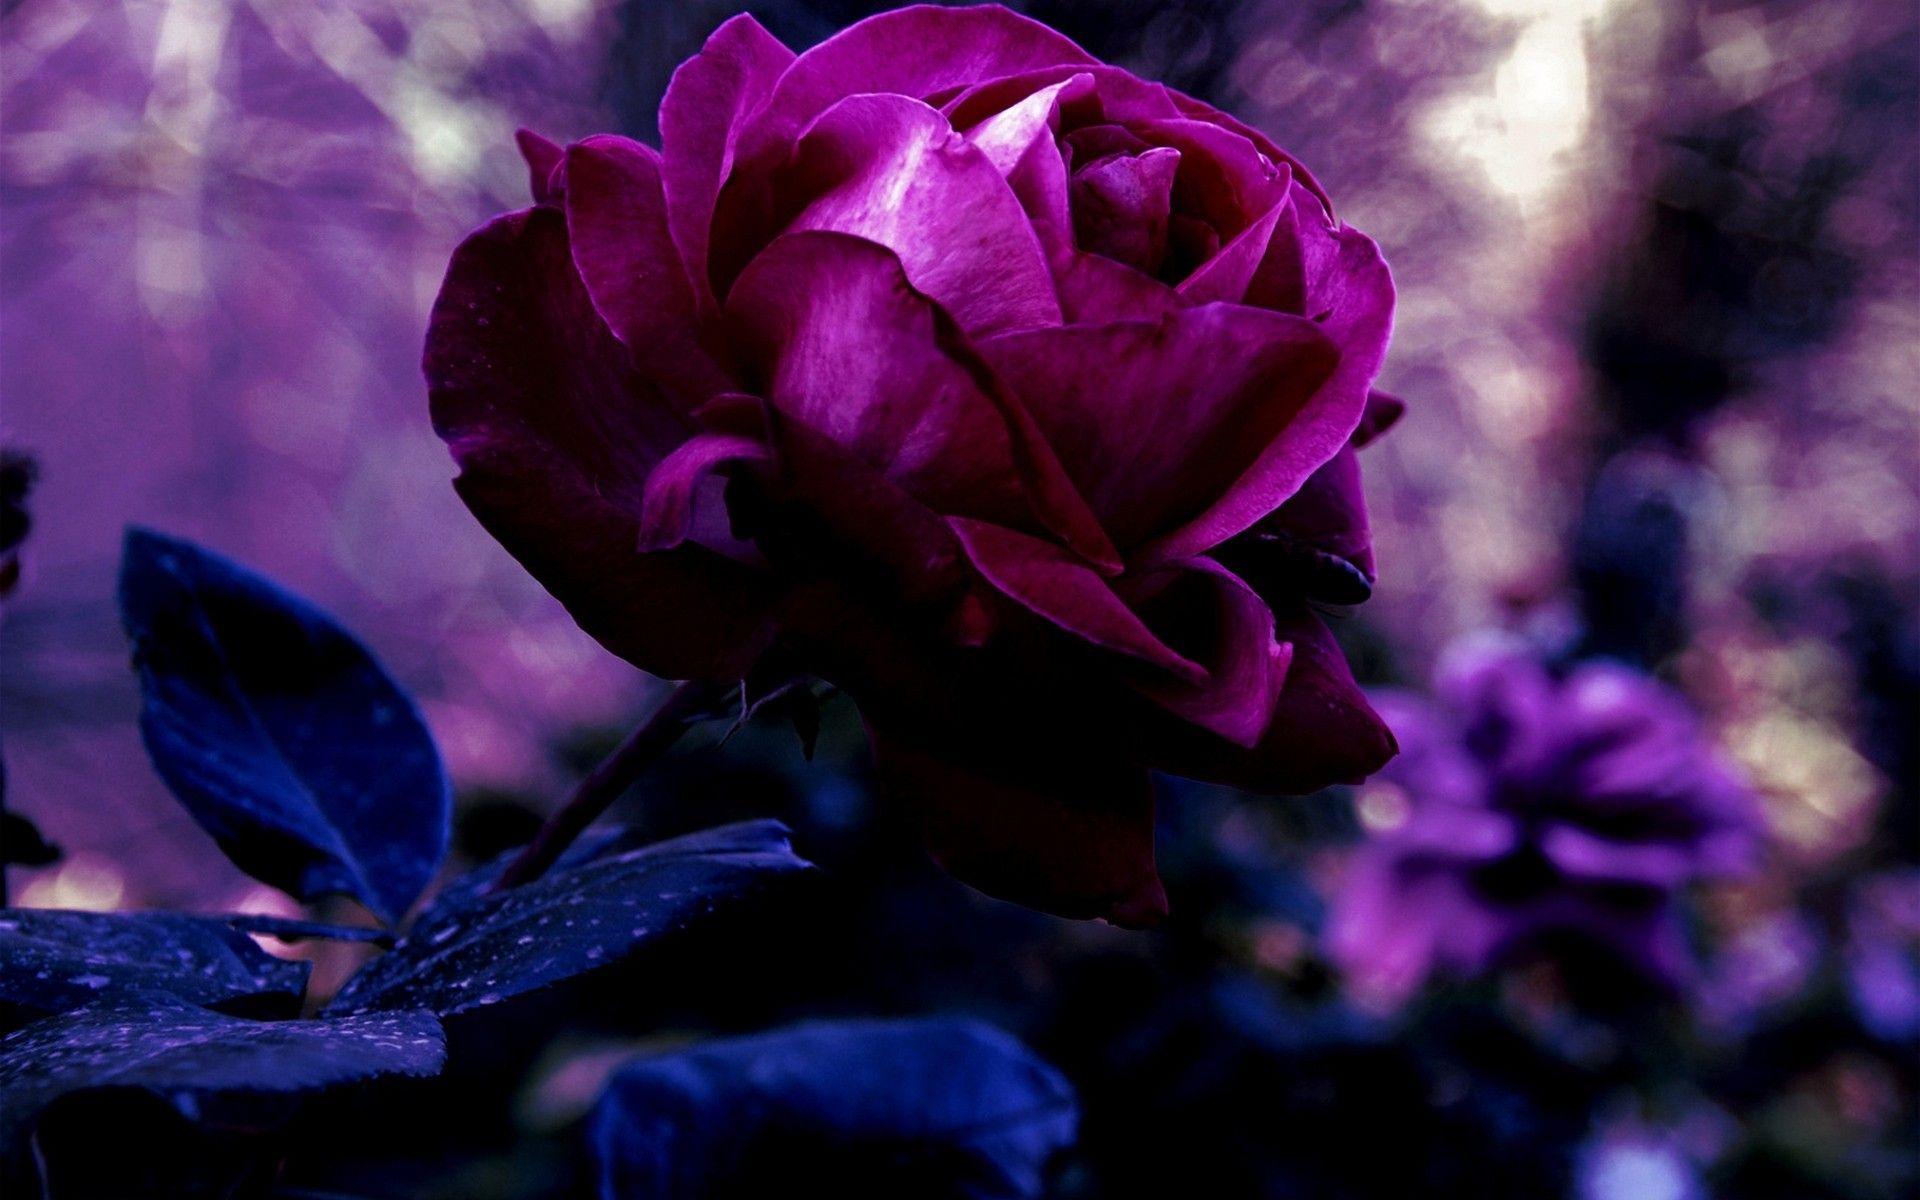 Purple and Pink Roses Wallpaper Rose Wallpaper Roses